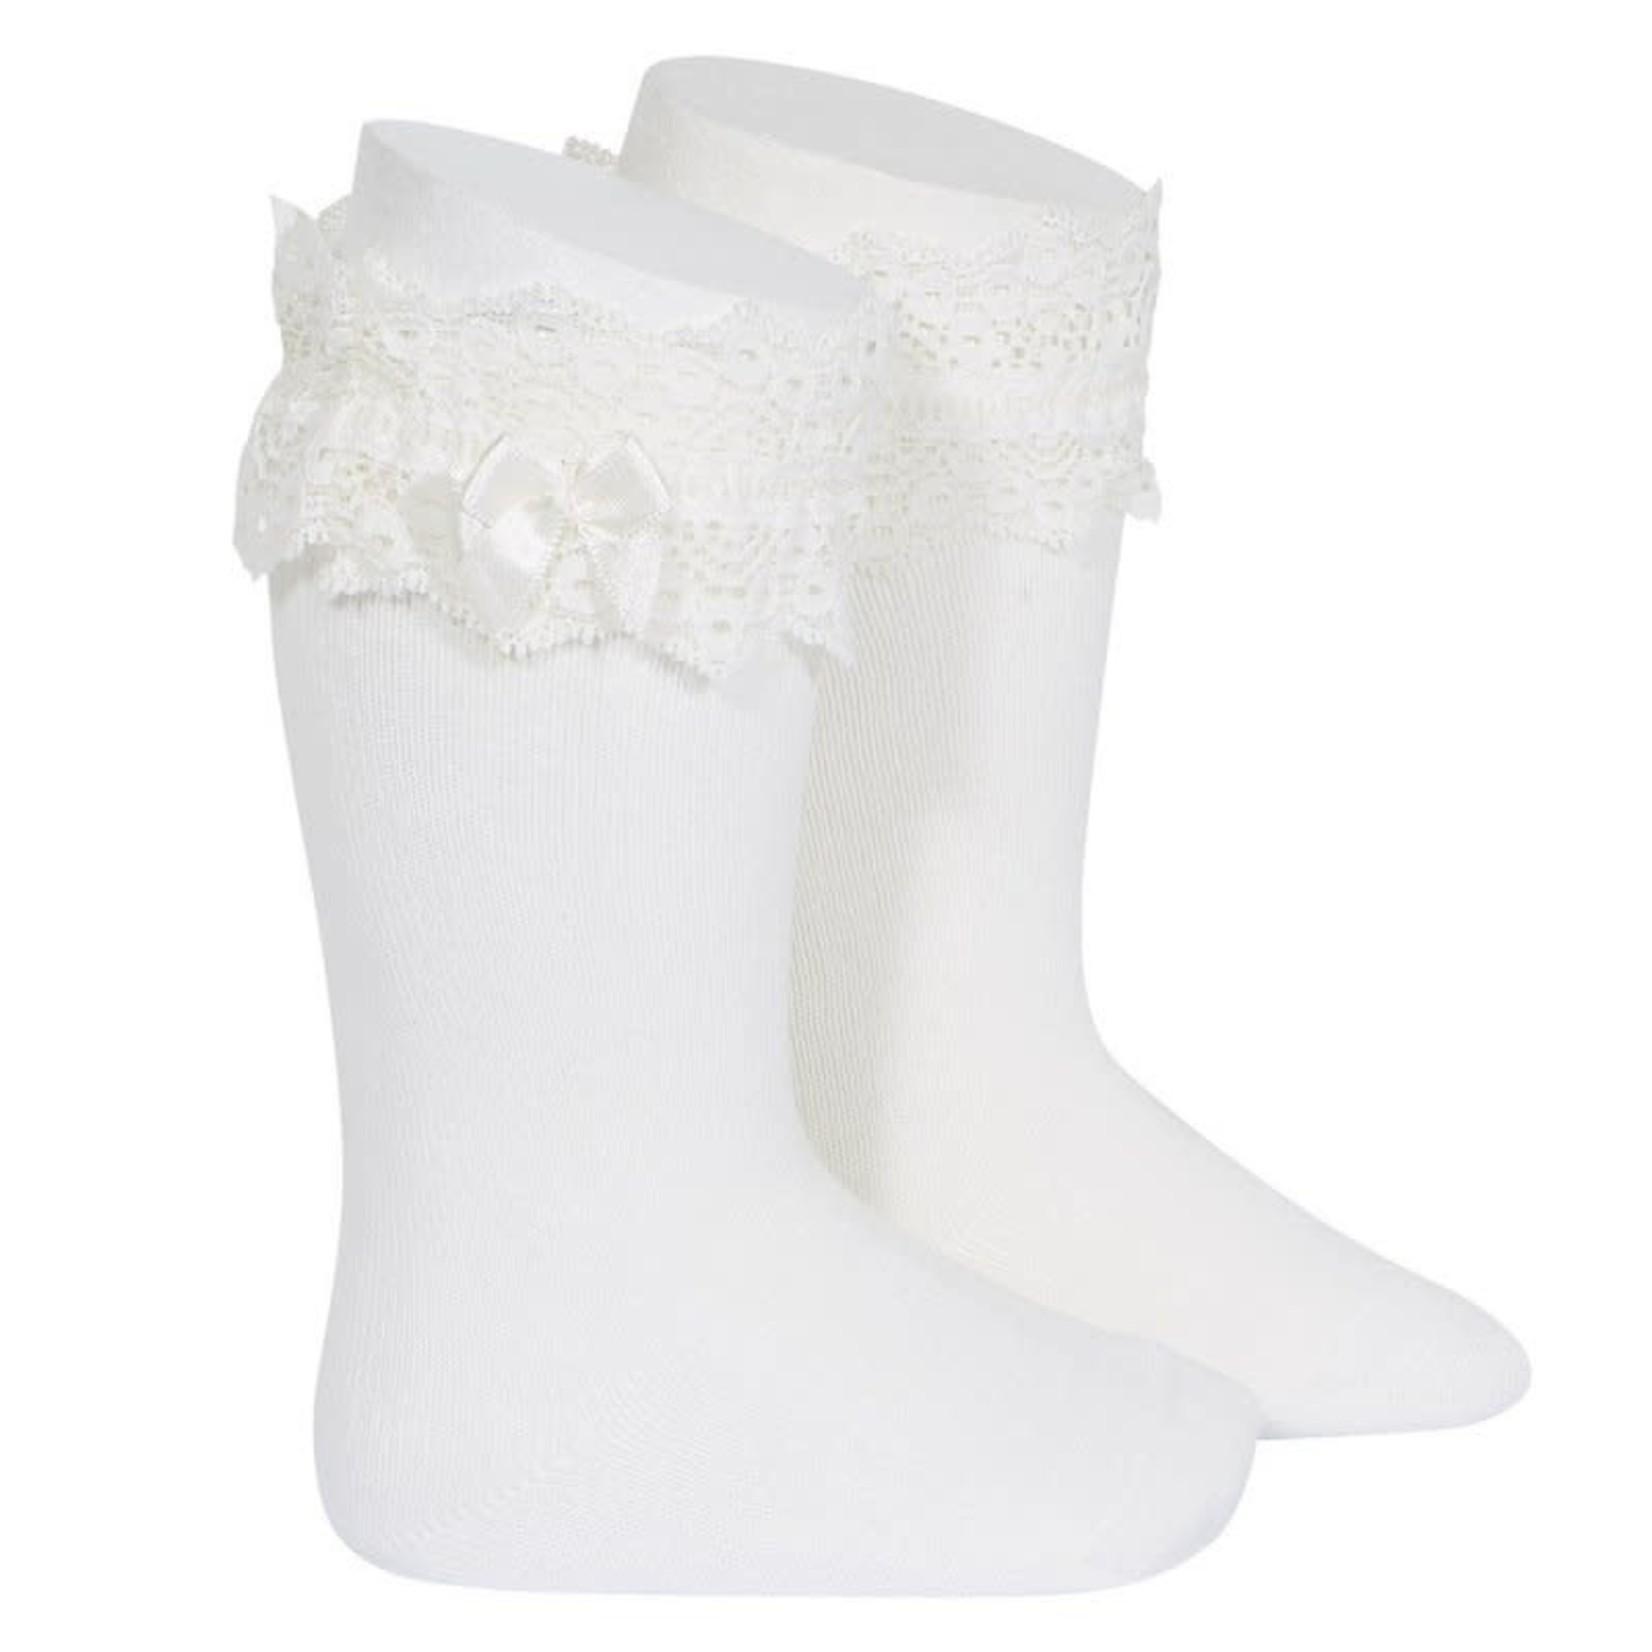 Fantasy Socks Knee High - Offwhite